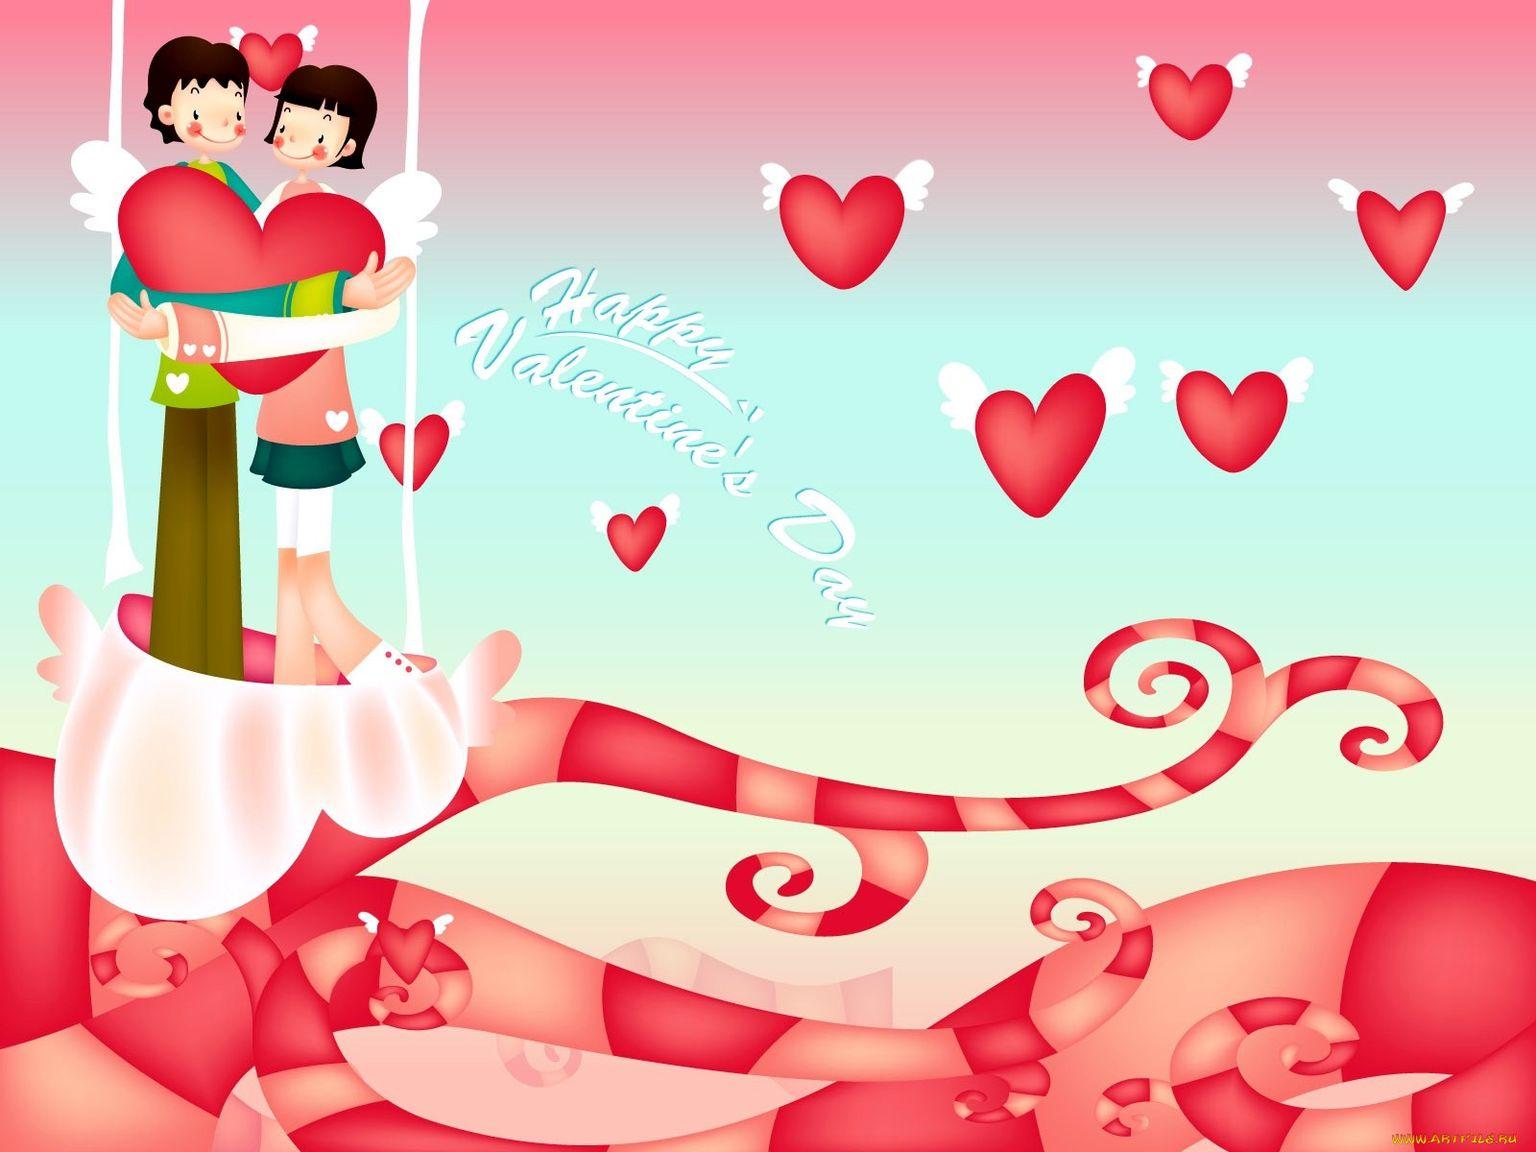 Картинке день святого валентина